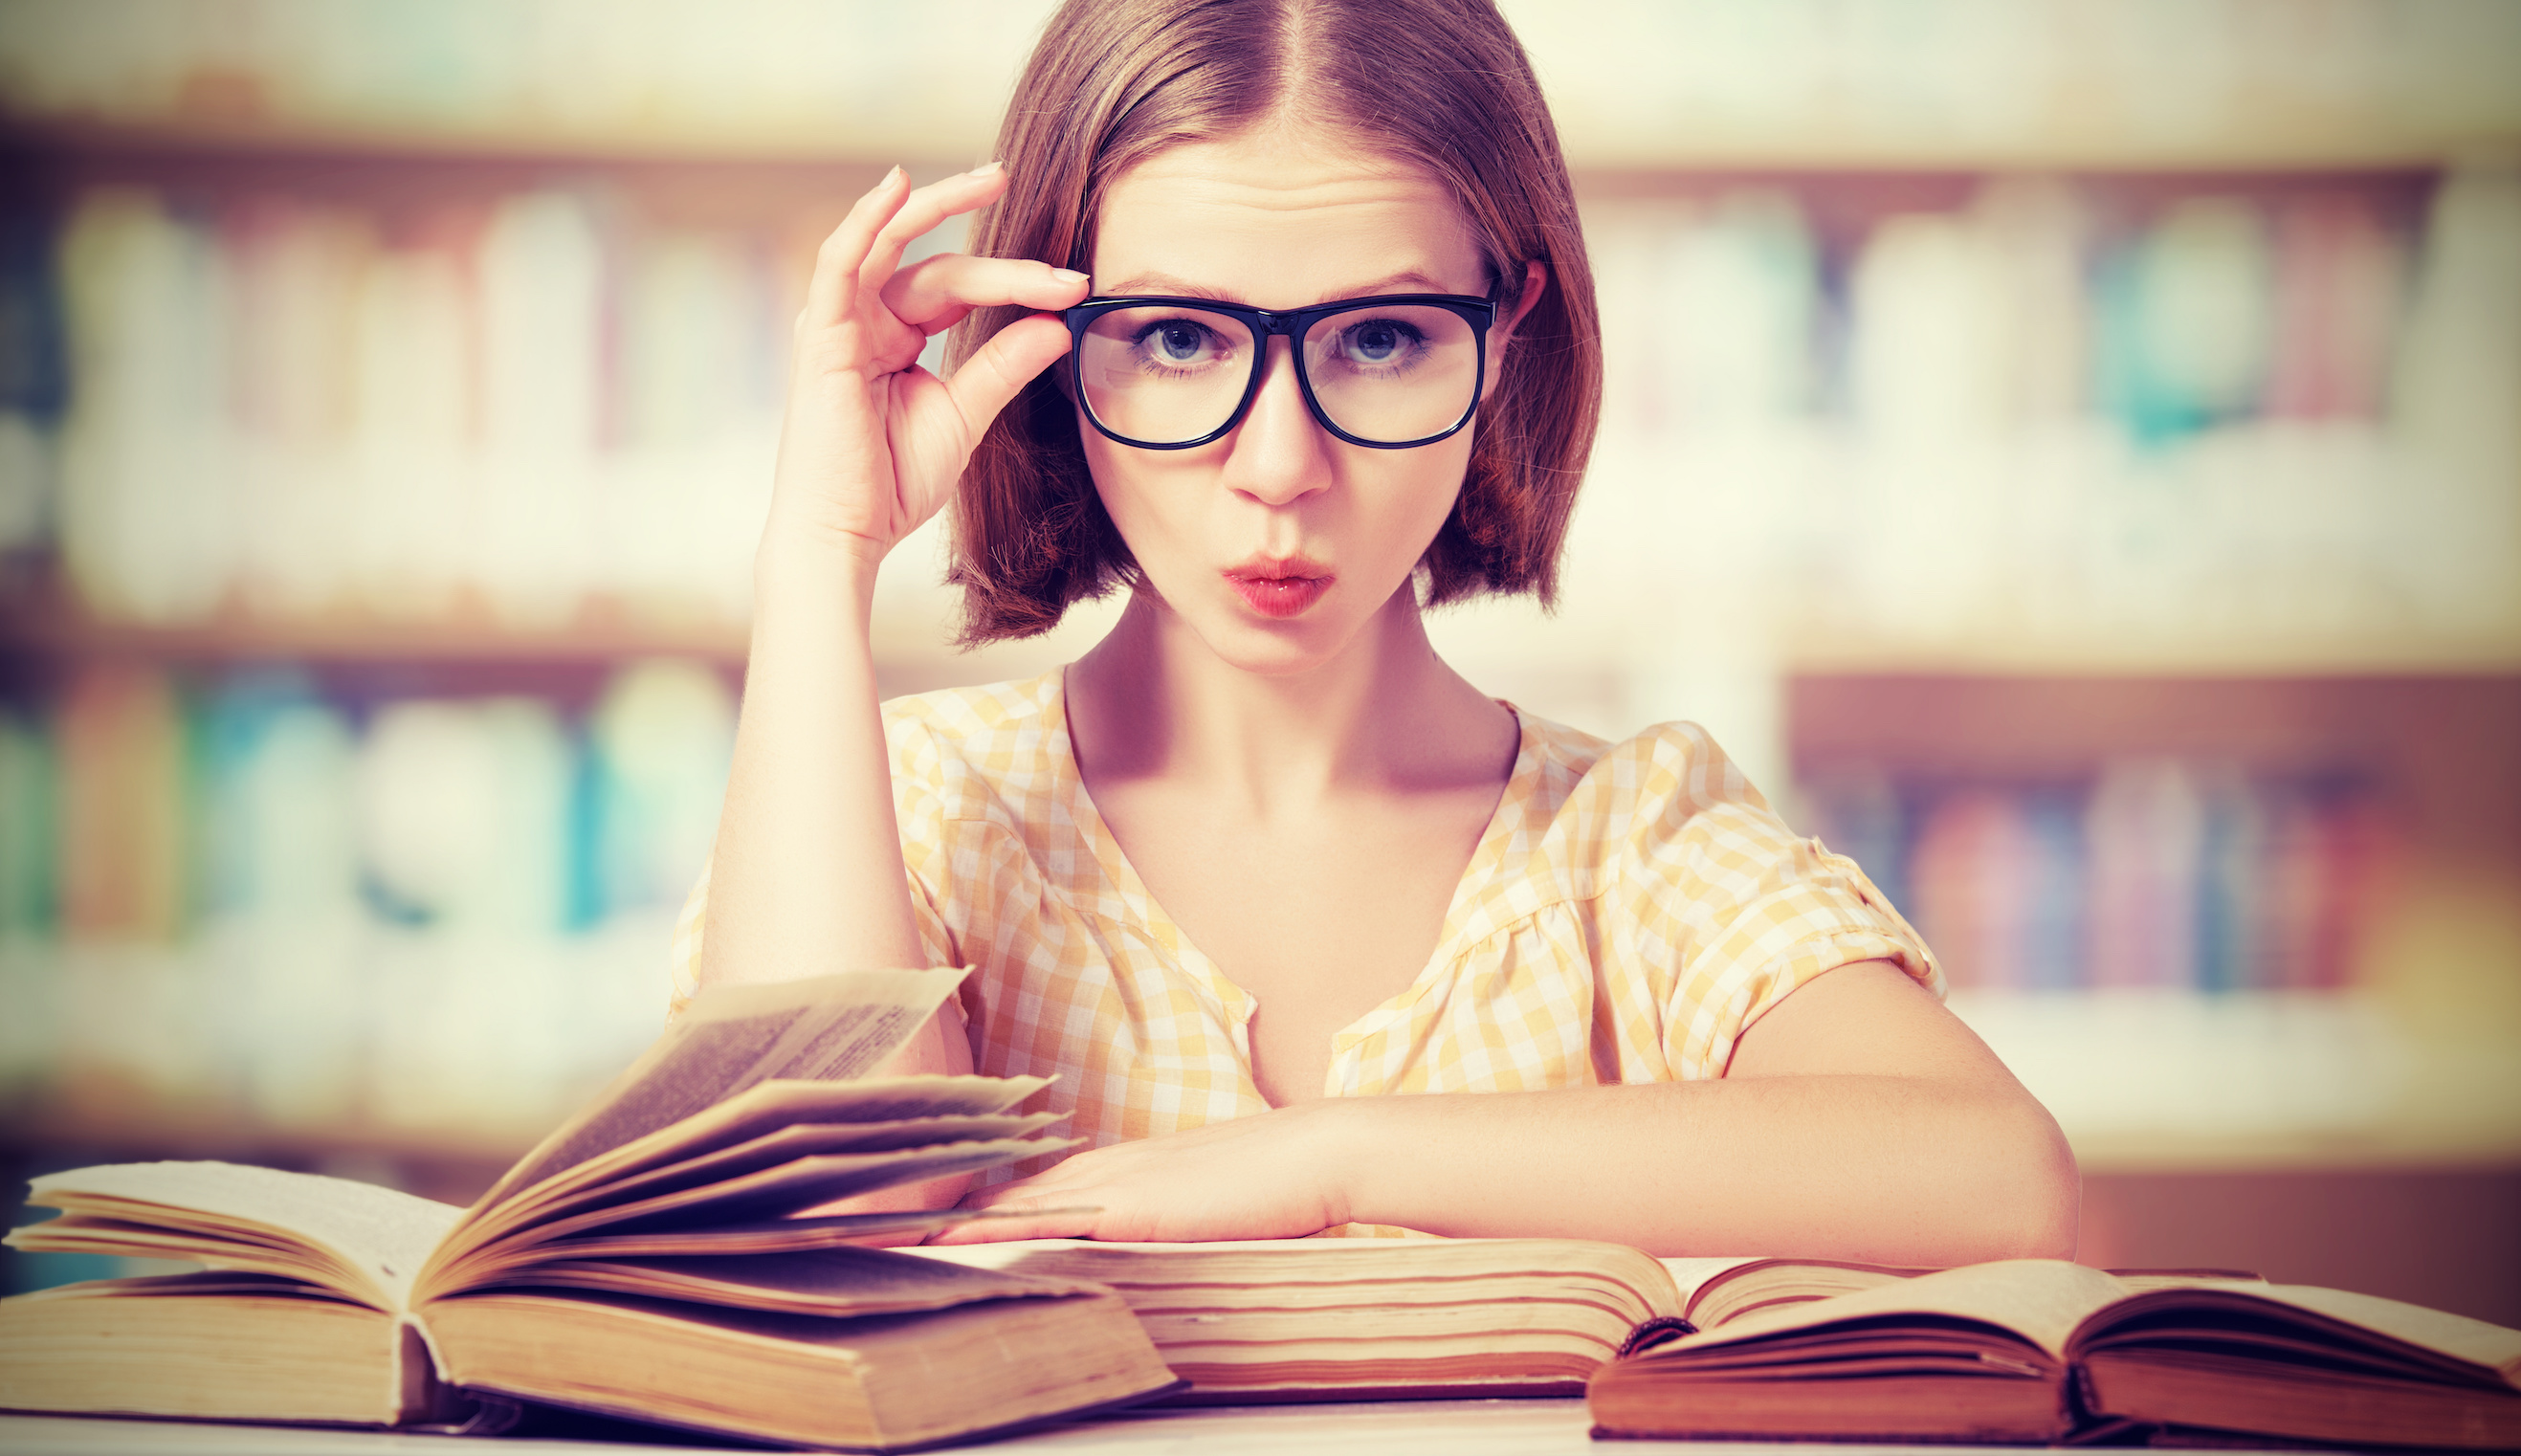 XKCD What if?: Se leggessi tutti i libri